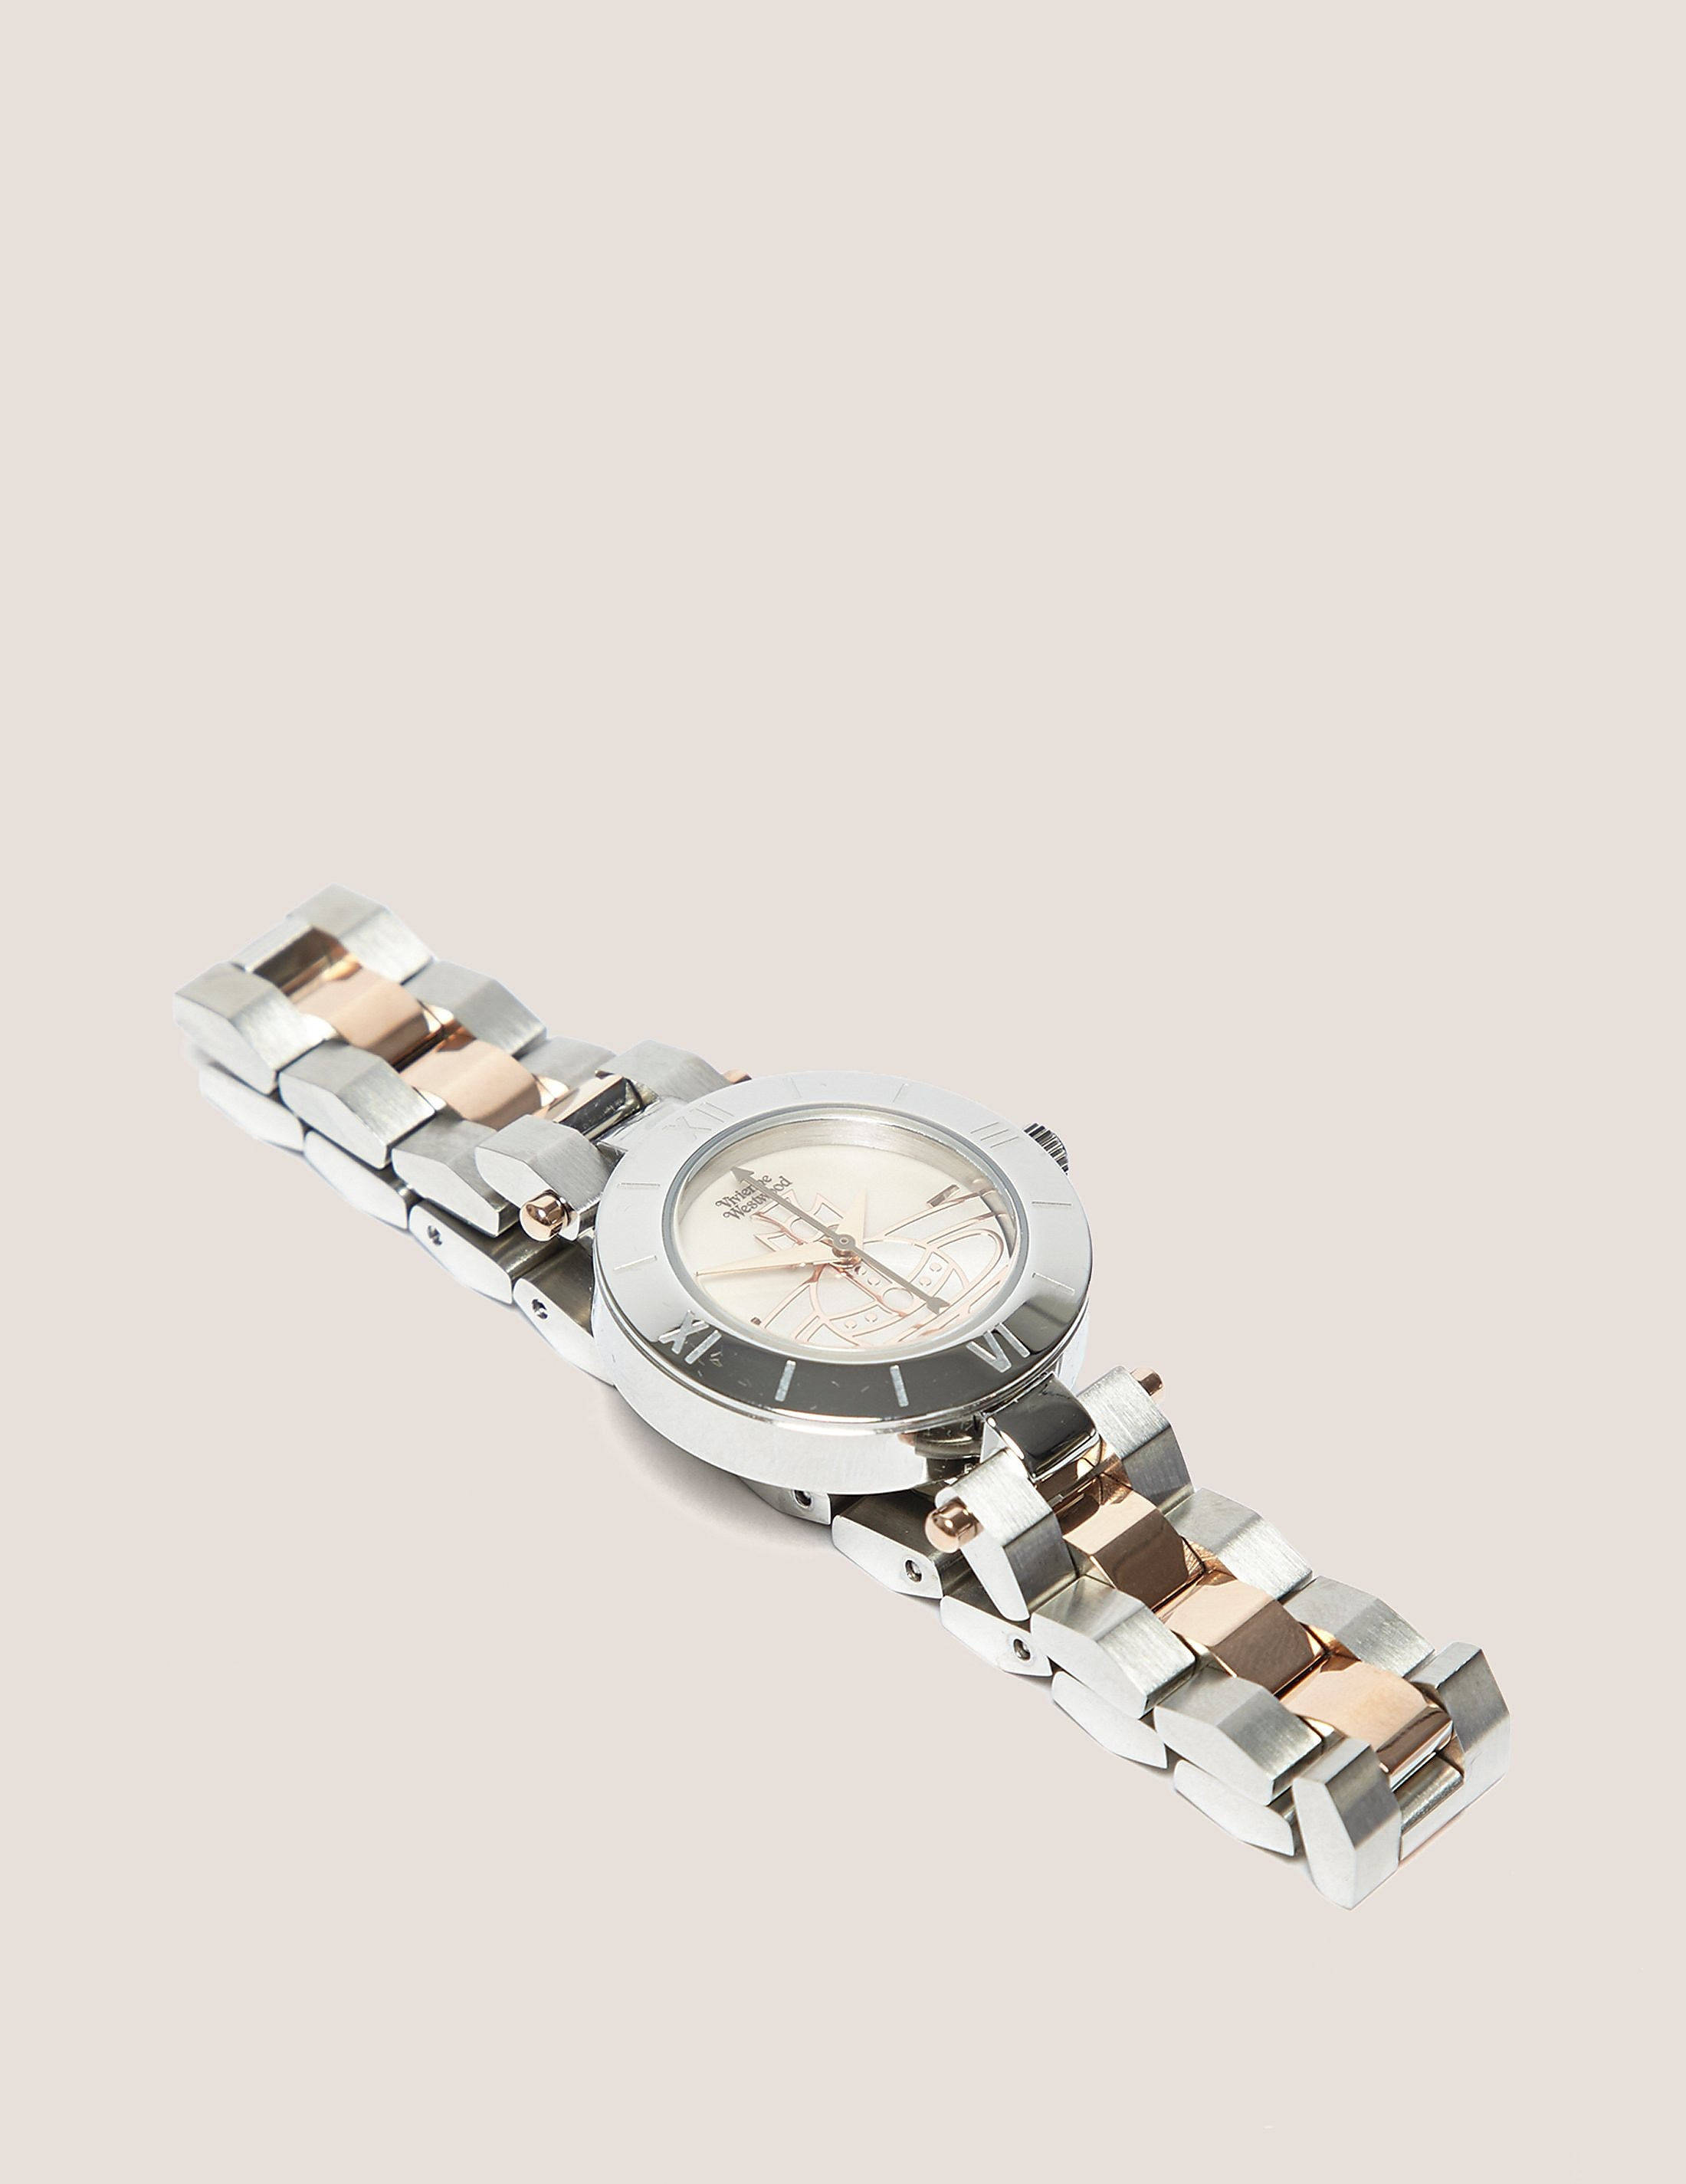 Vivienne Westwood Orb Watch